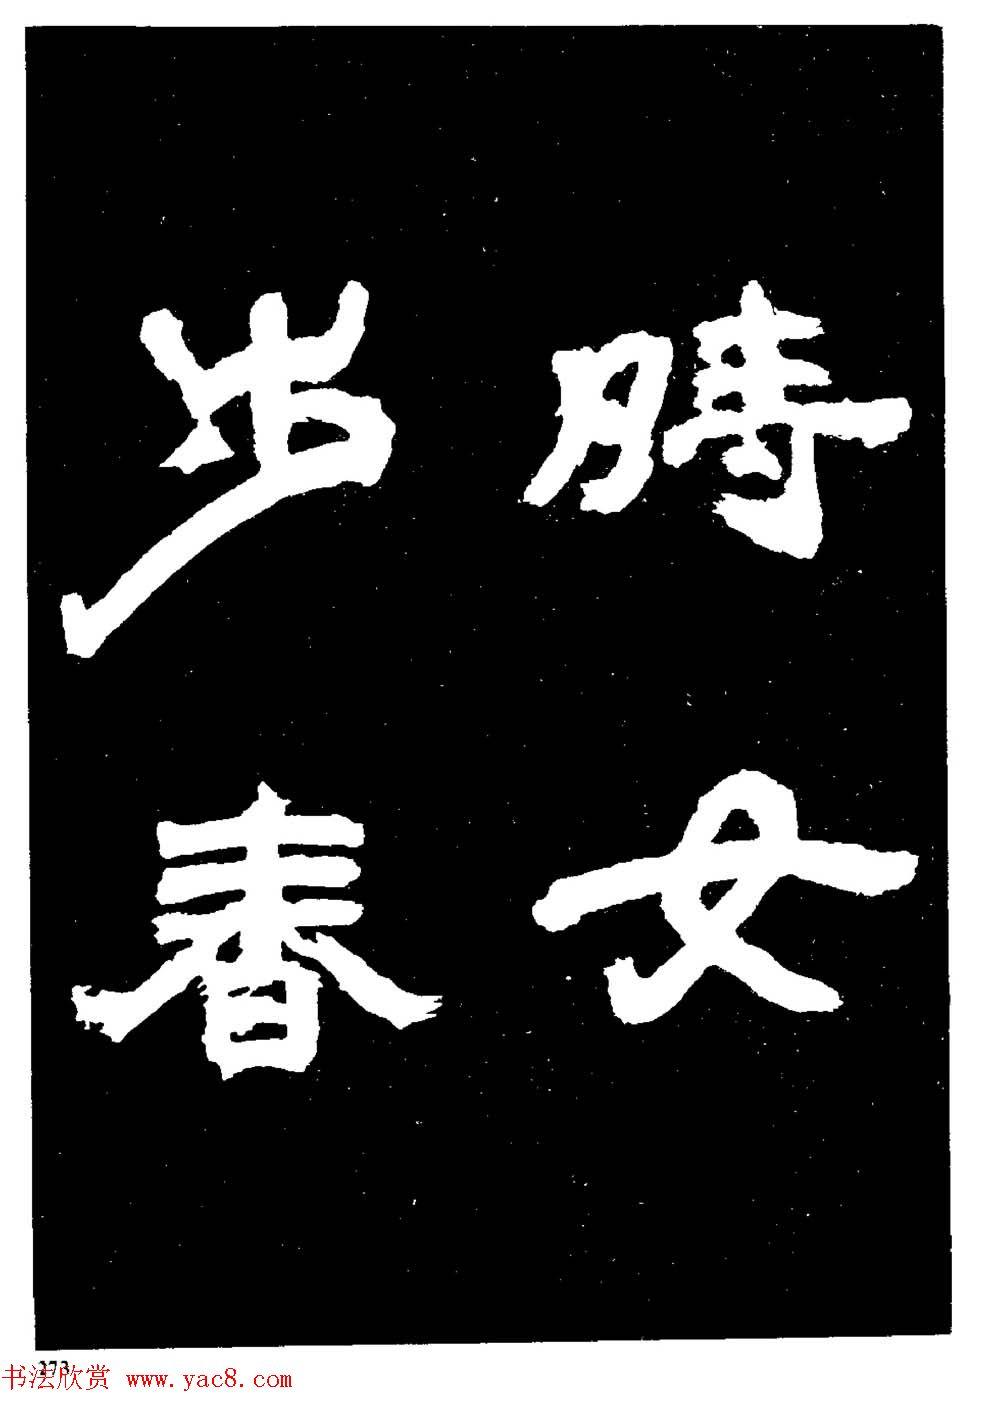 邓石如隶书字帖欣赏《敖陶孙诗评》(44)图片